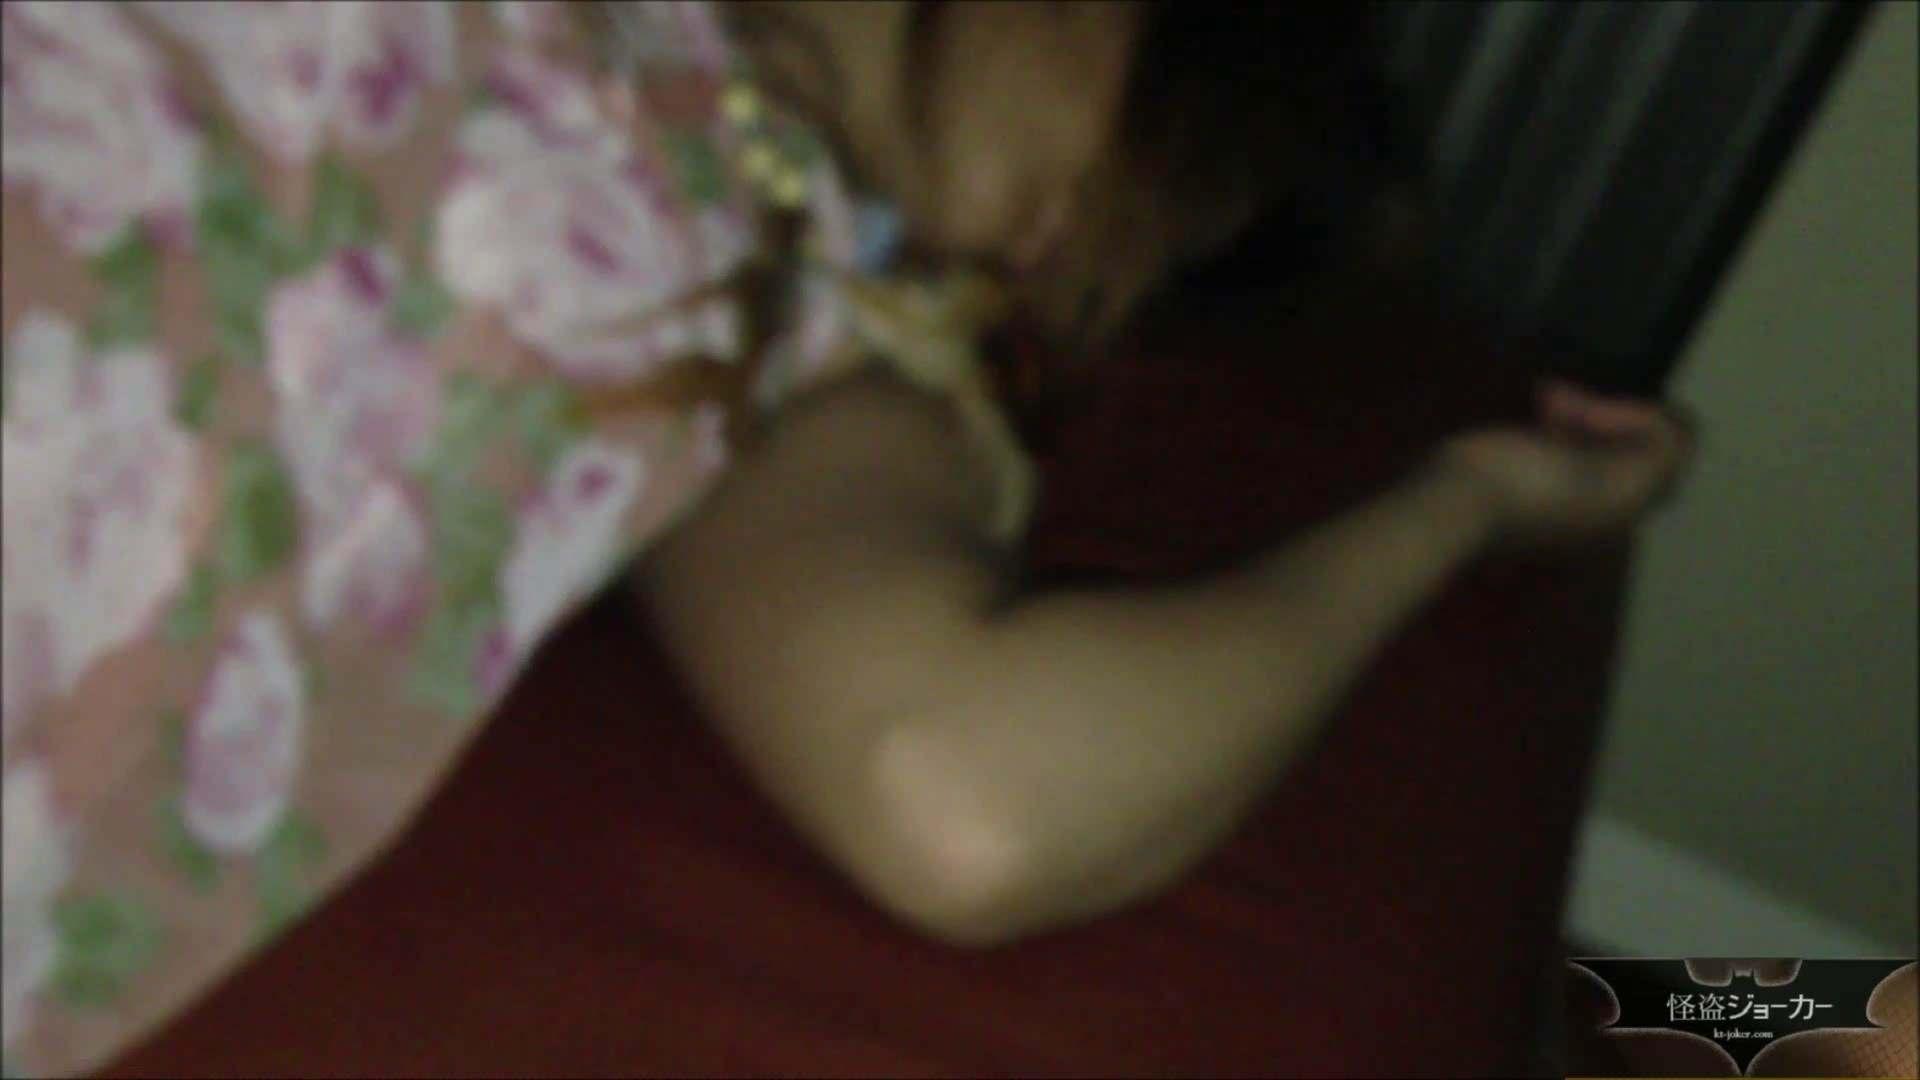 【未公開】vol.68{BLENDA系美女}UAちゃん_甘い香りと生臭い香り 0   美女  82連発 16